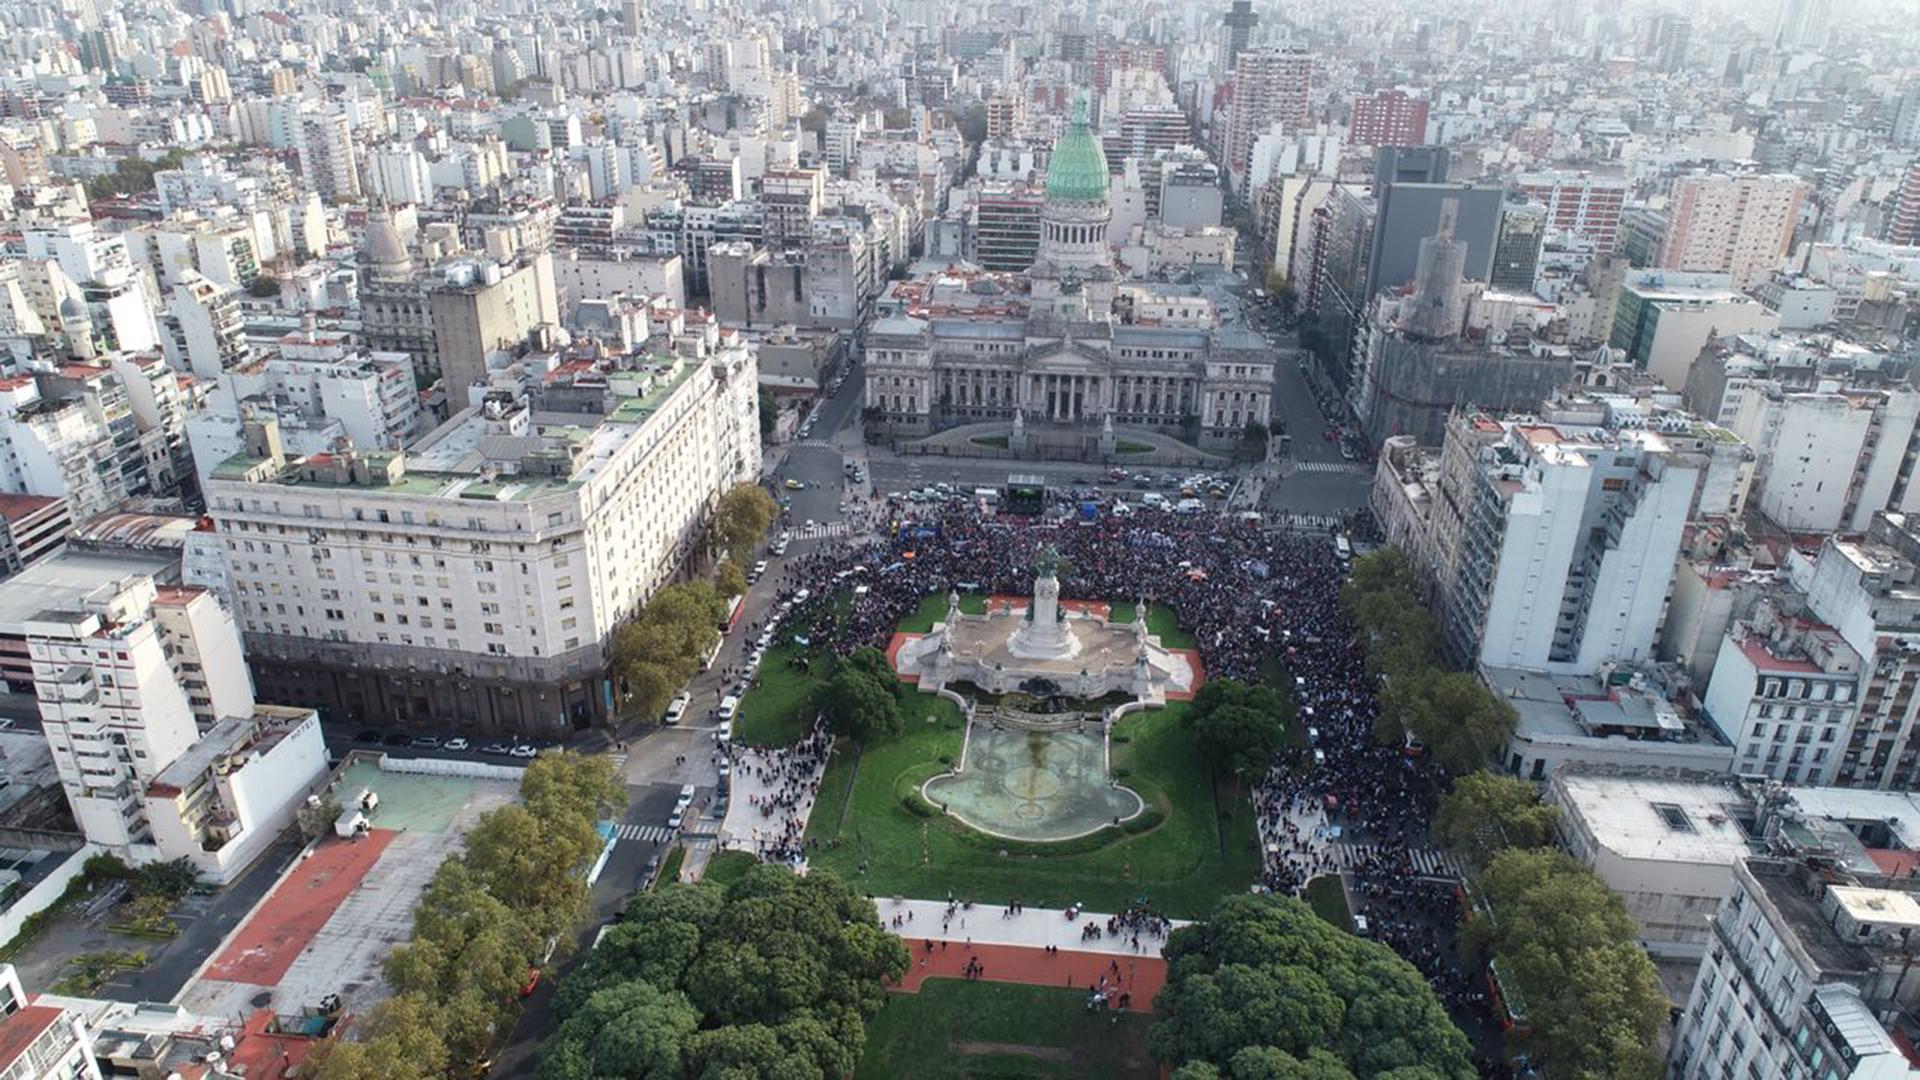 Toma aérea del Congreso de la Nación durante la marcha de este domingo